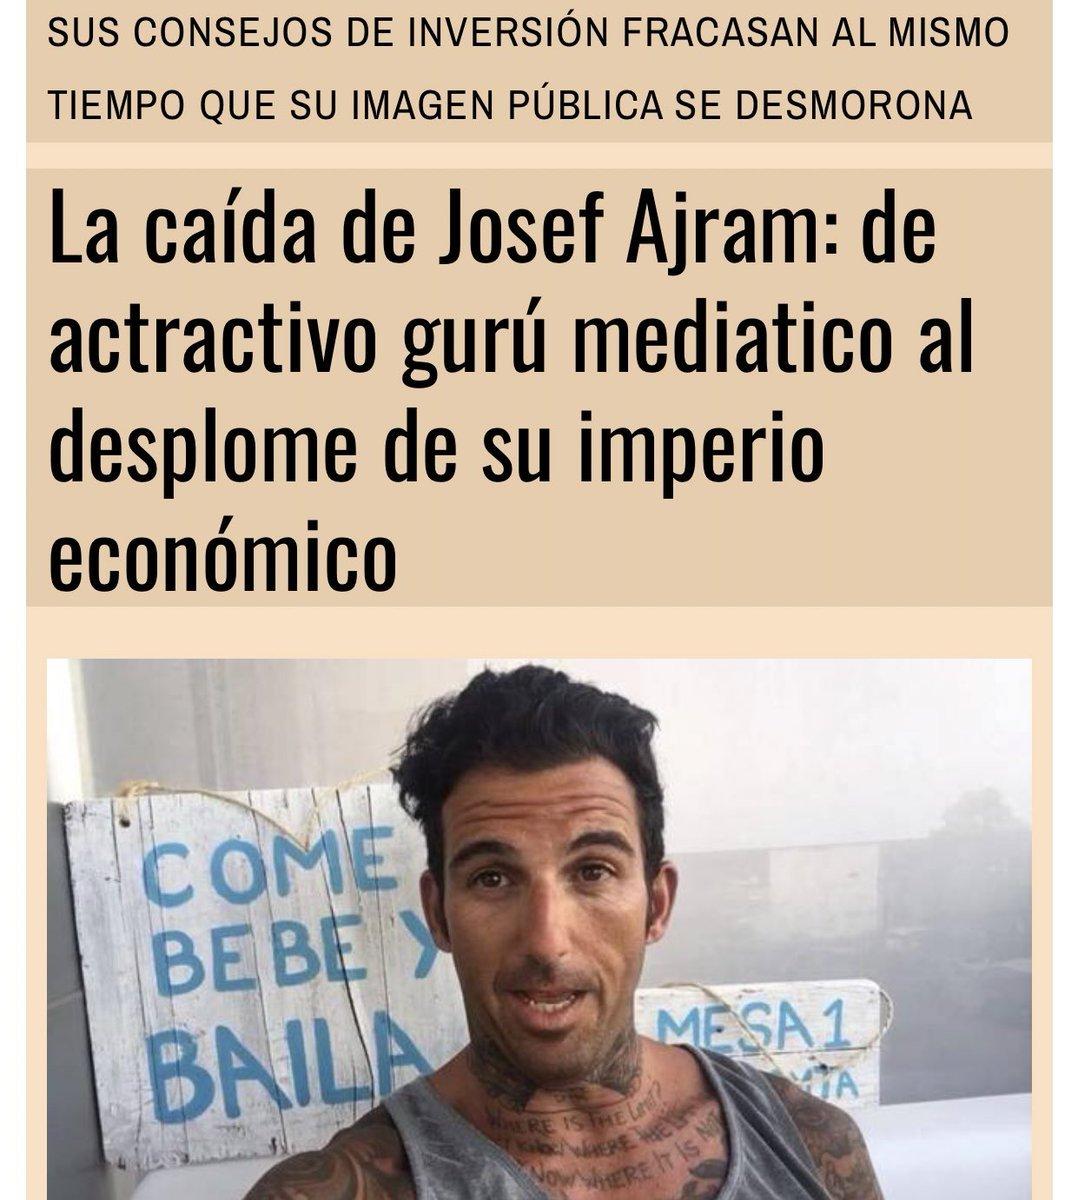 Josef Ajram: apuesta segura